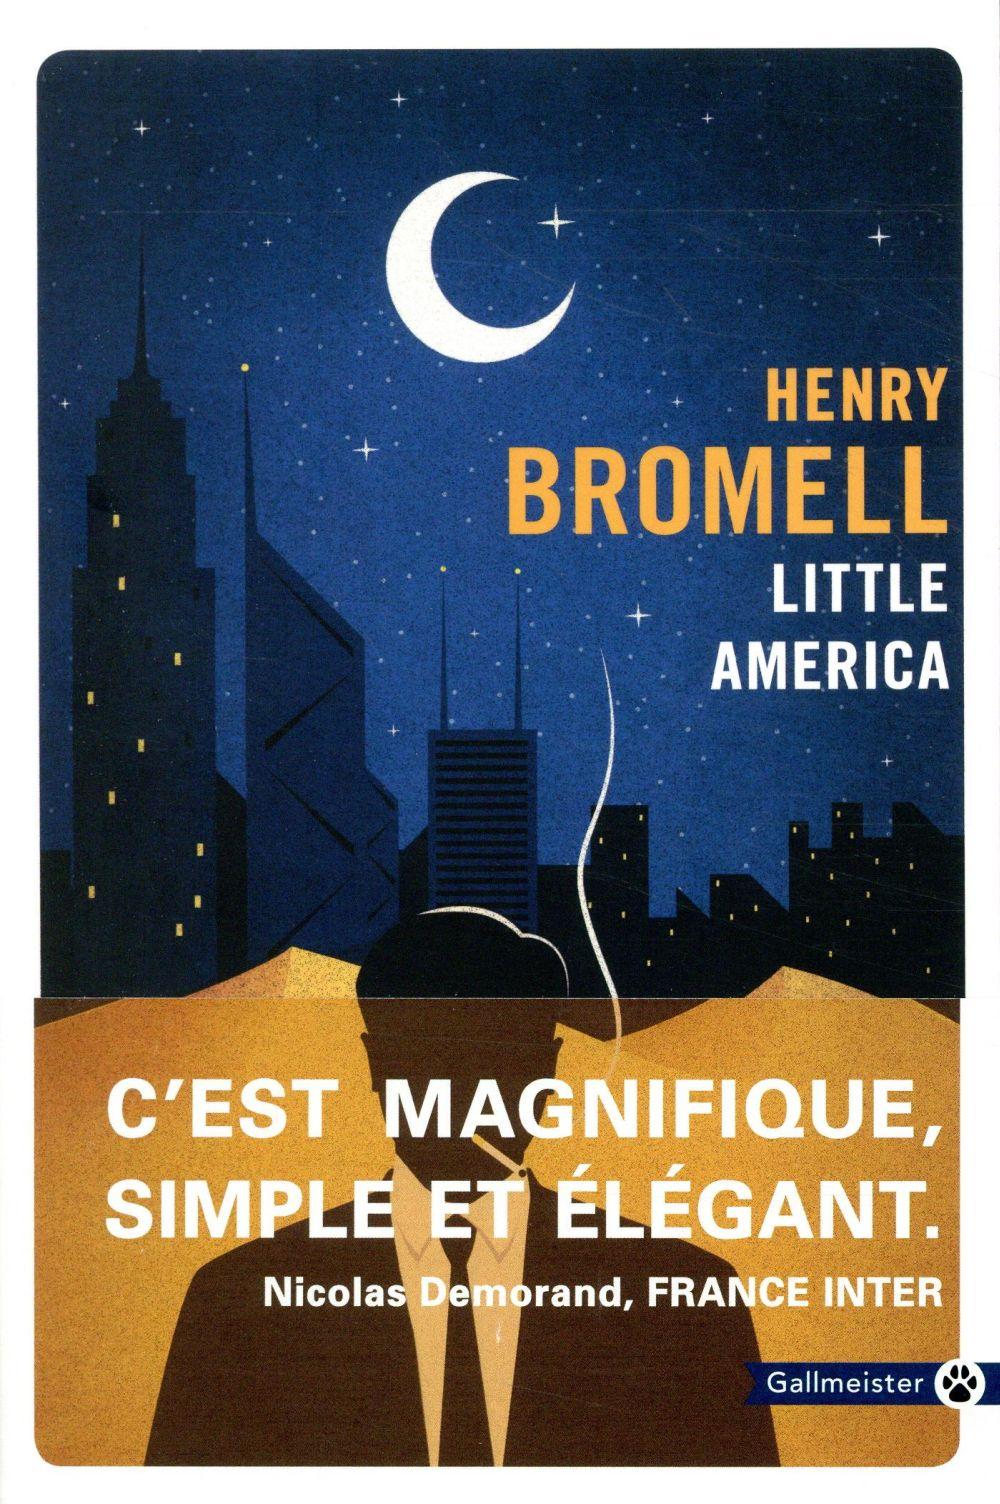 LITTLE AMERICA BROMELL HENRY GALLMEISTER